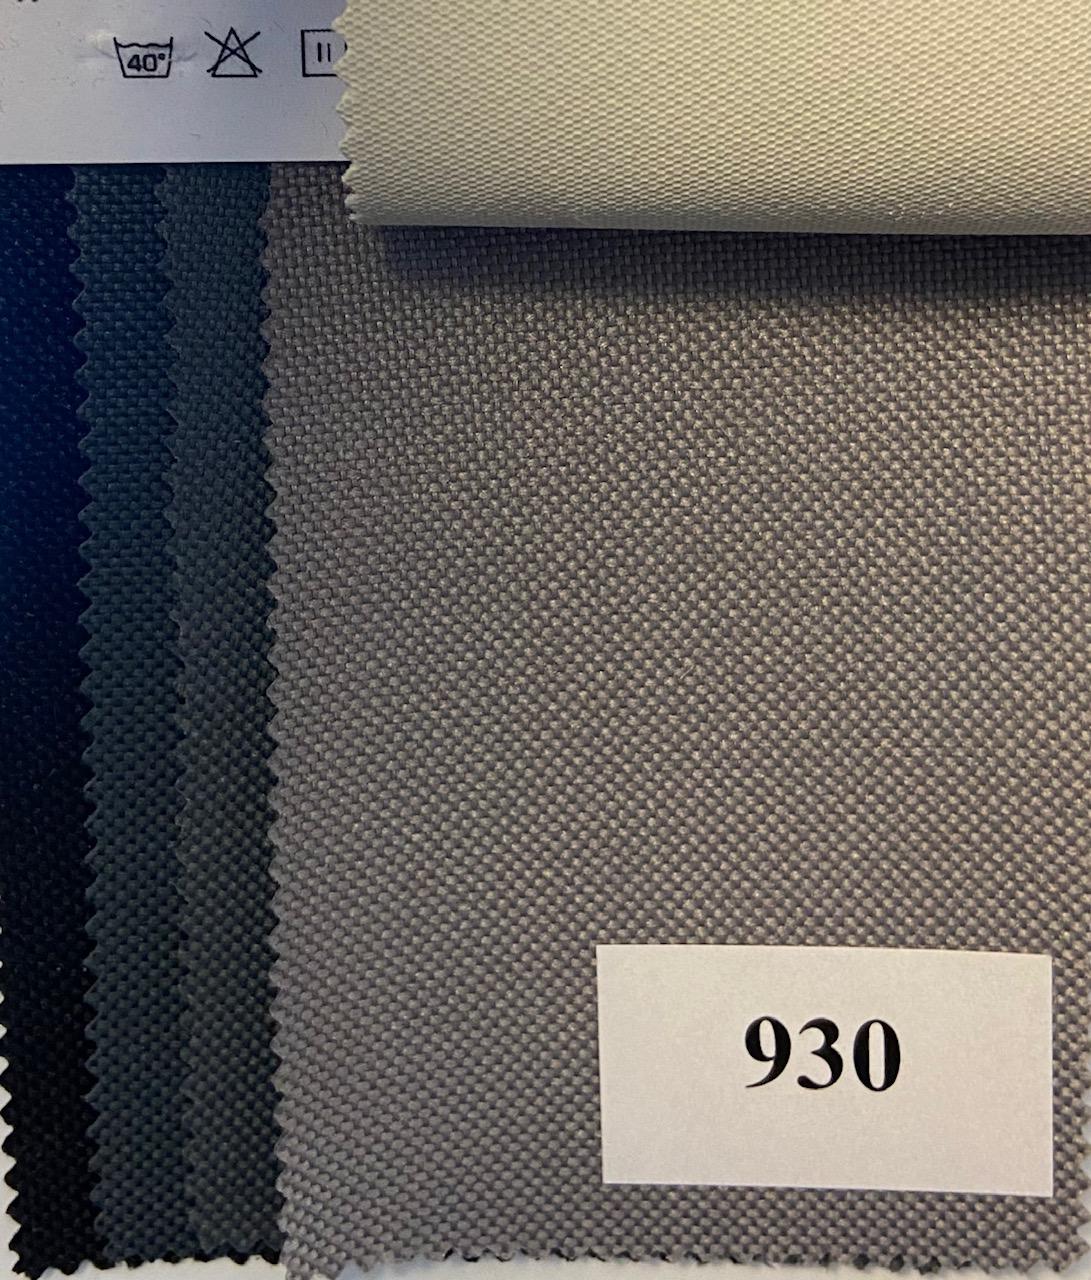 Audums Kodura, 600Dx300D PVC, 930, bl.350g/m², pl.150cm. Bezmaksas piegāde!